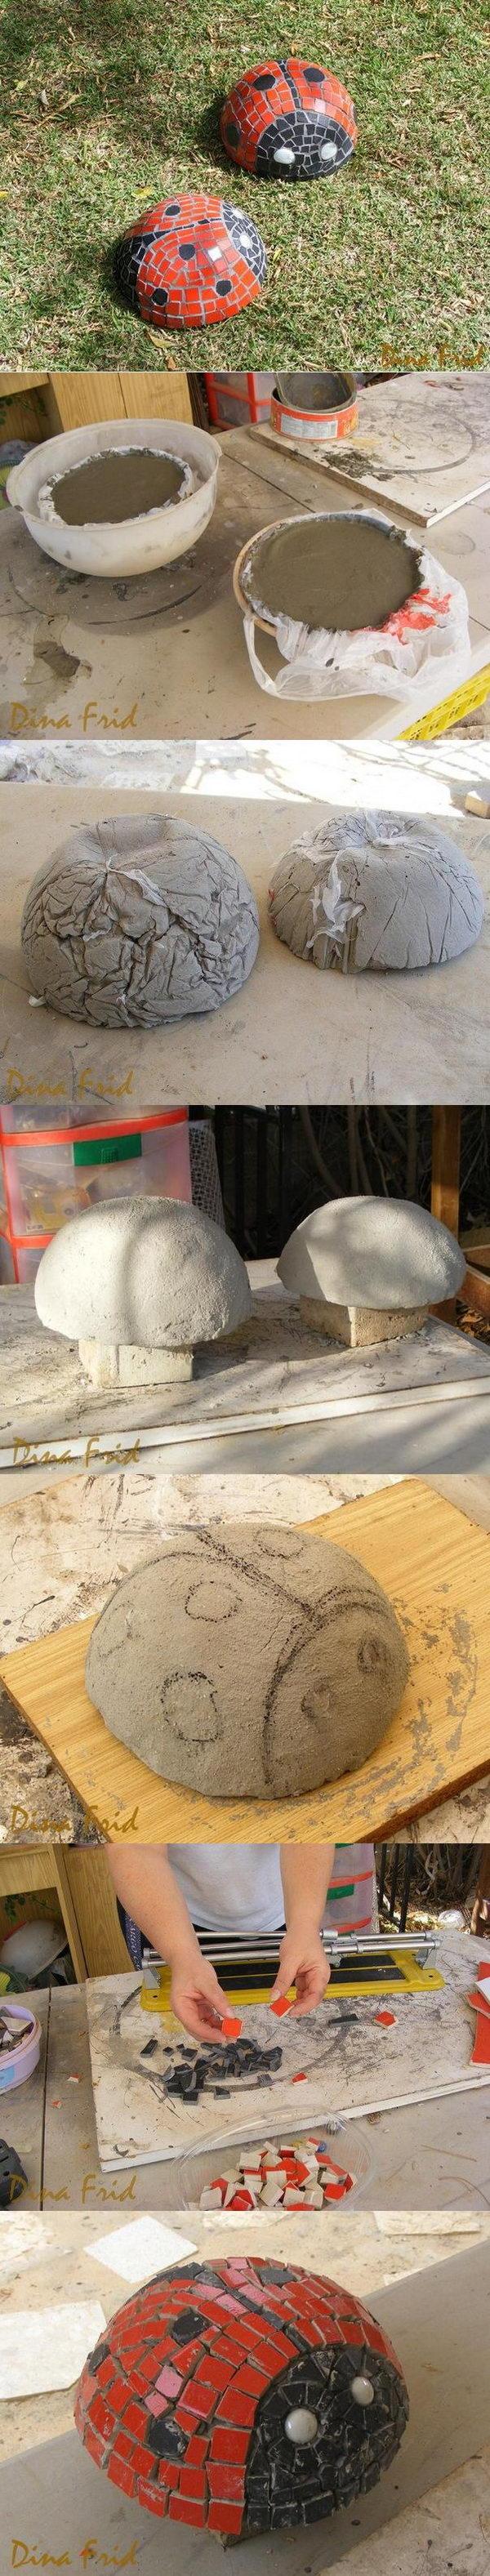 DIY Concrete Ladybug.